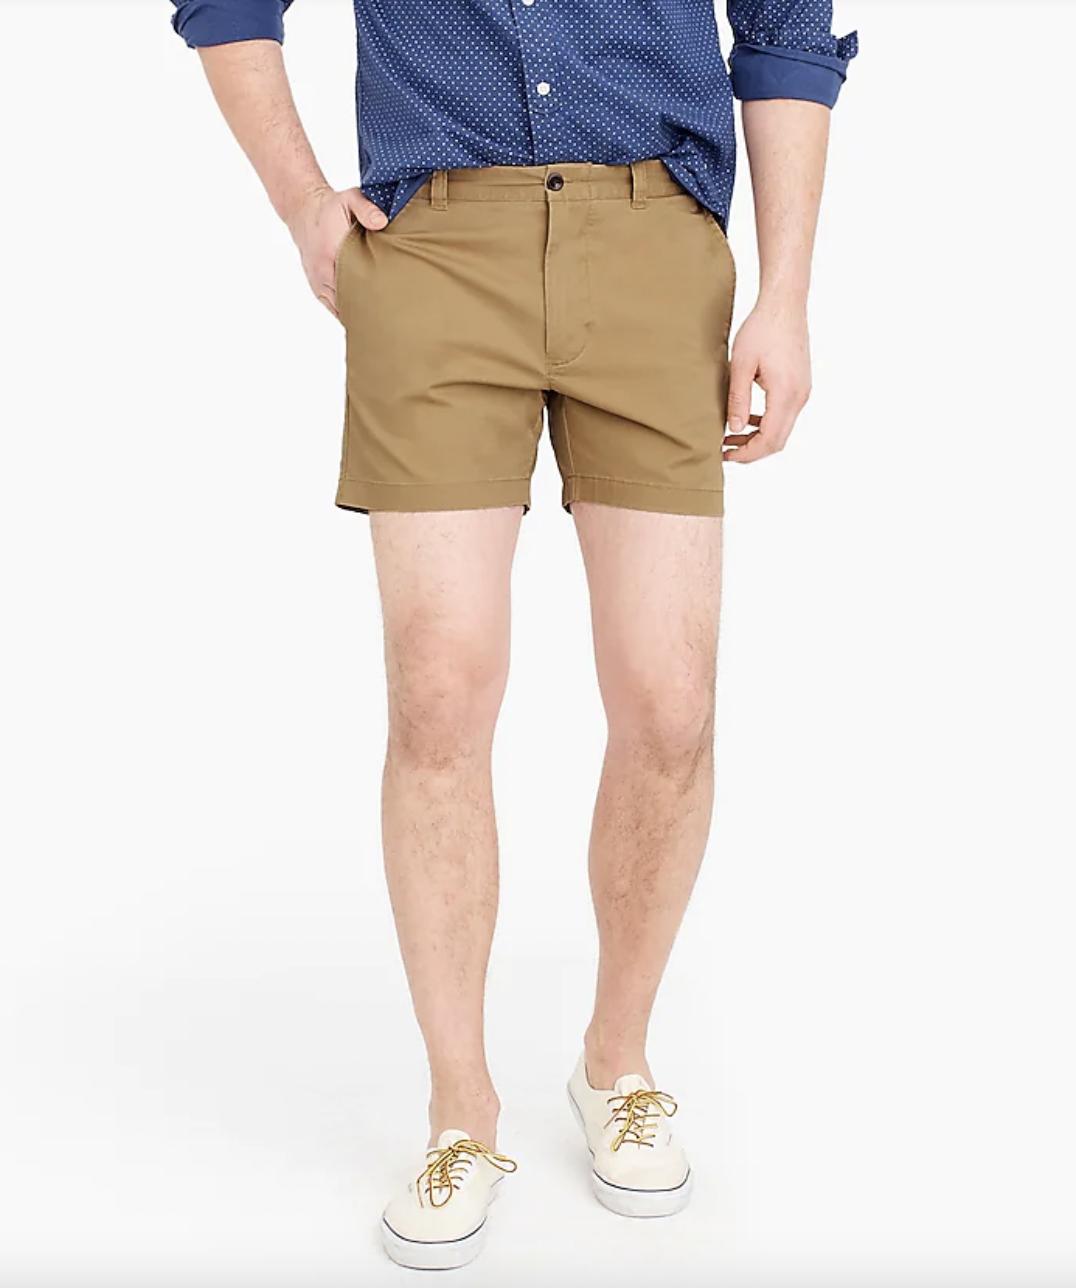 mens short shorts chino